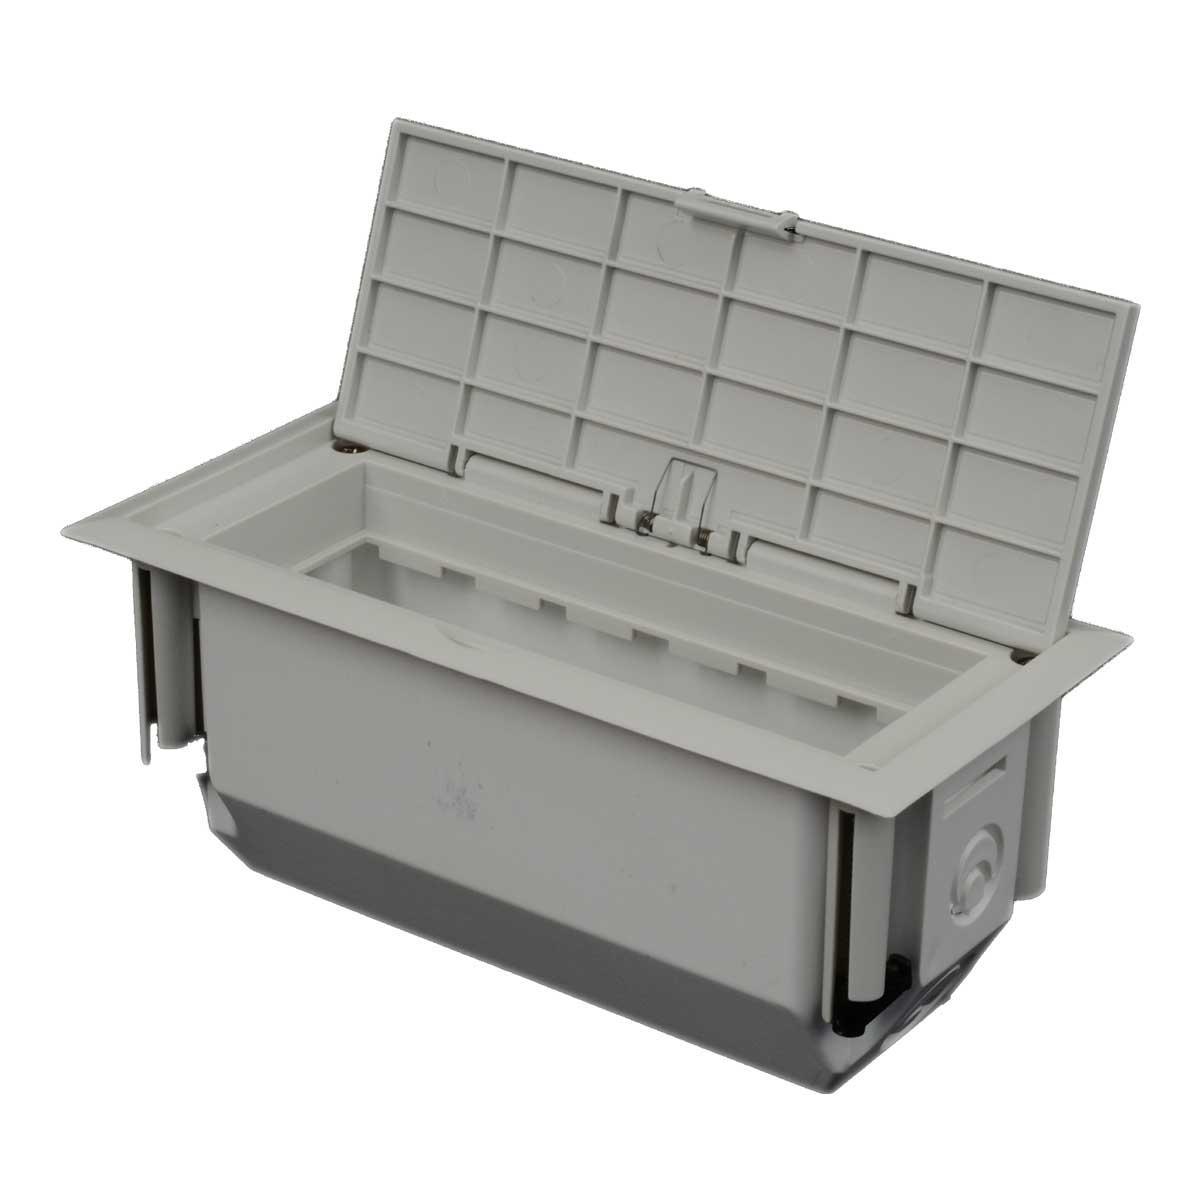 Коробка для приладів в пустотілі основи (білого кольору)KOPOBOX MINI